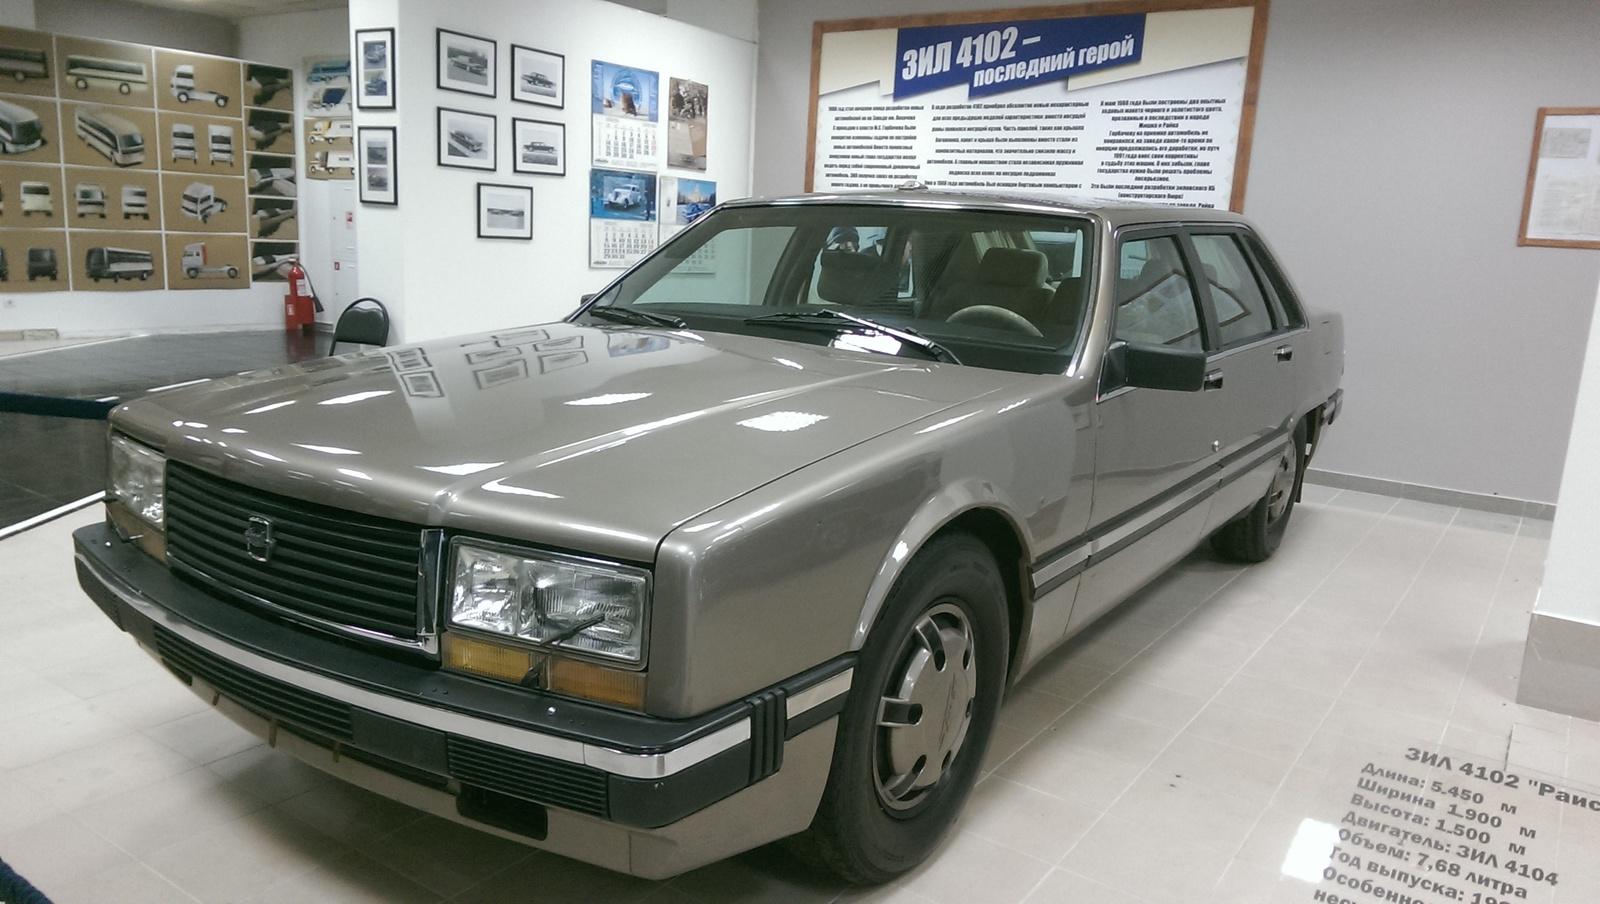 Автомобиль ЗИЛ-4102